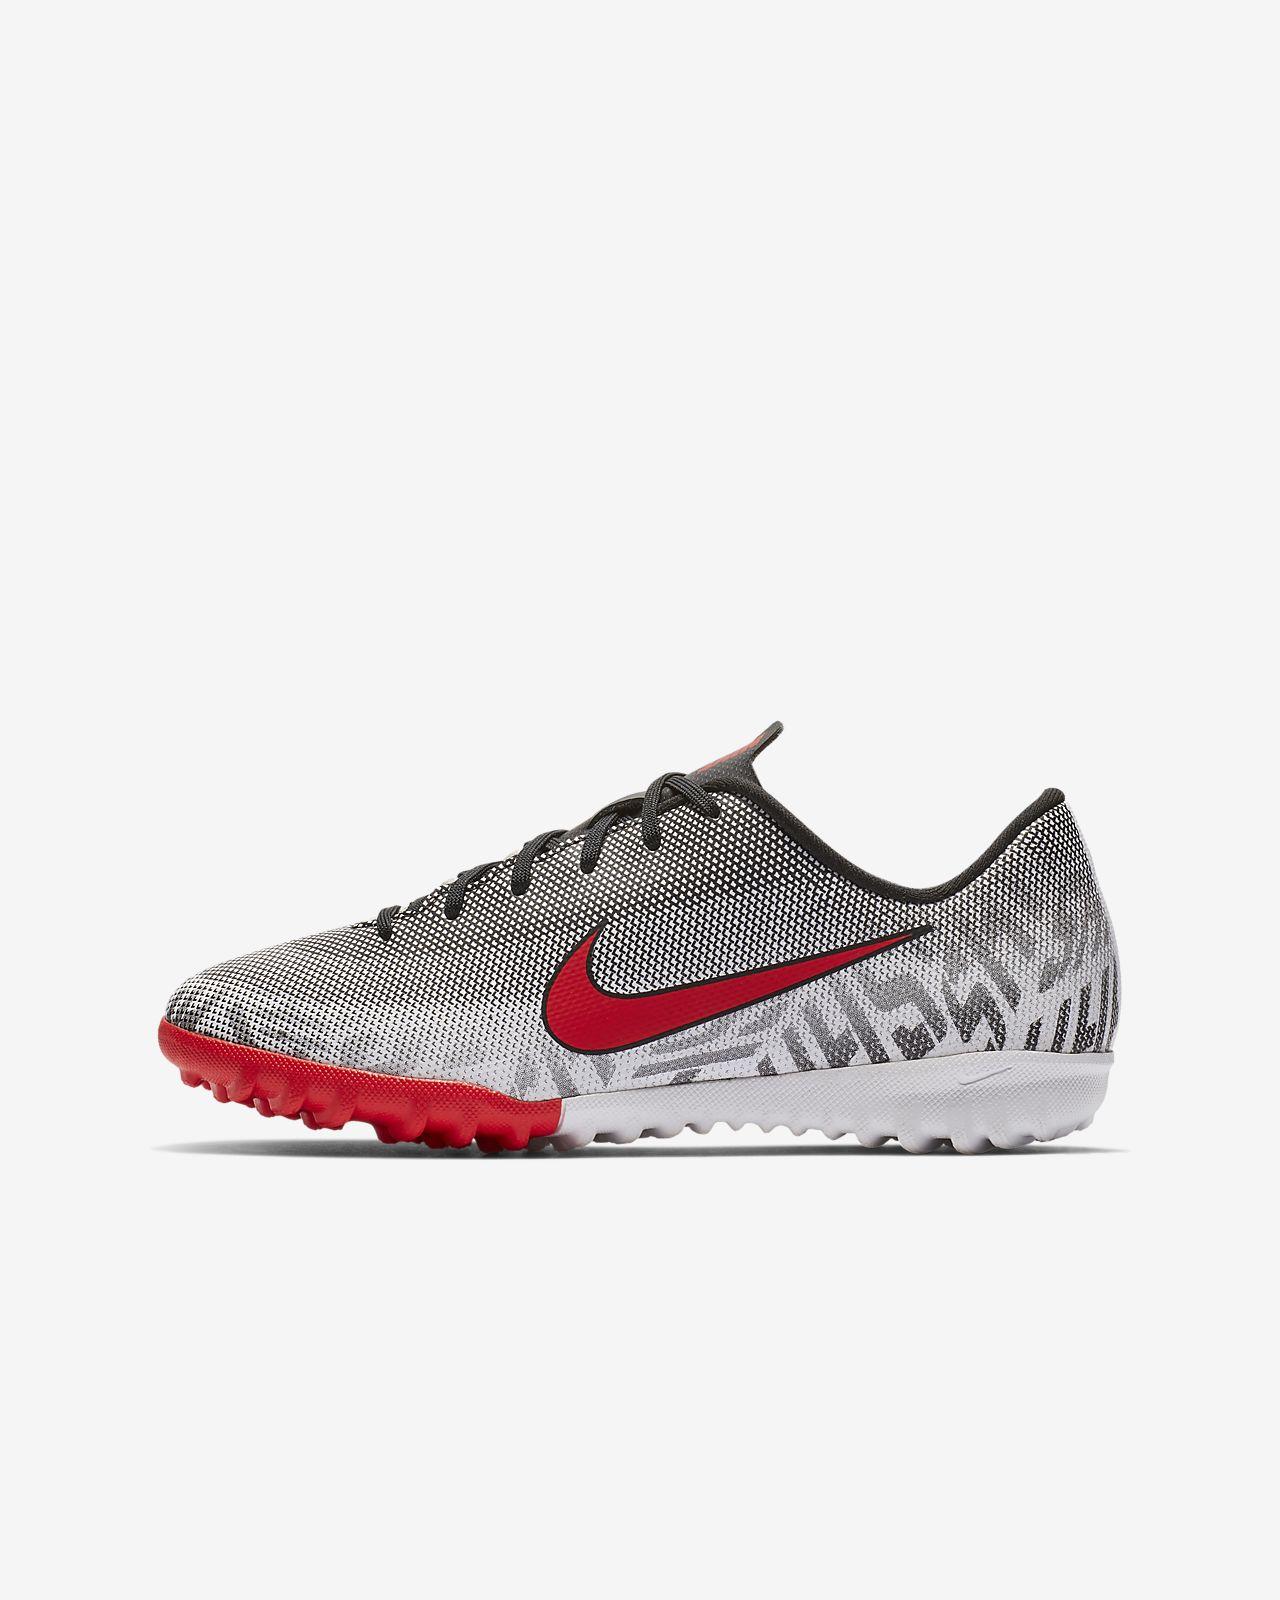 low priced 18395 a5366 ... Buty piłkarskie na sztuczną nawierzchnię typu turf dla małych/dużych  dzieci Nike Jr. Mercurial